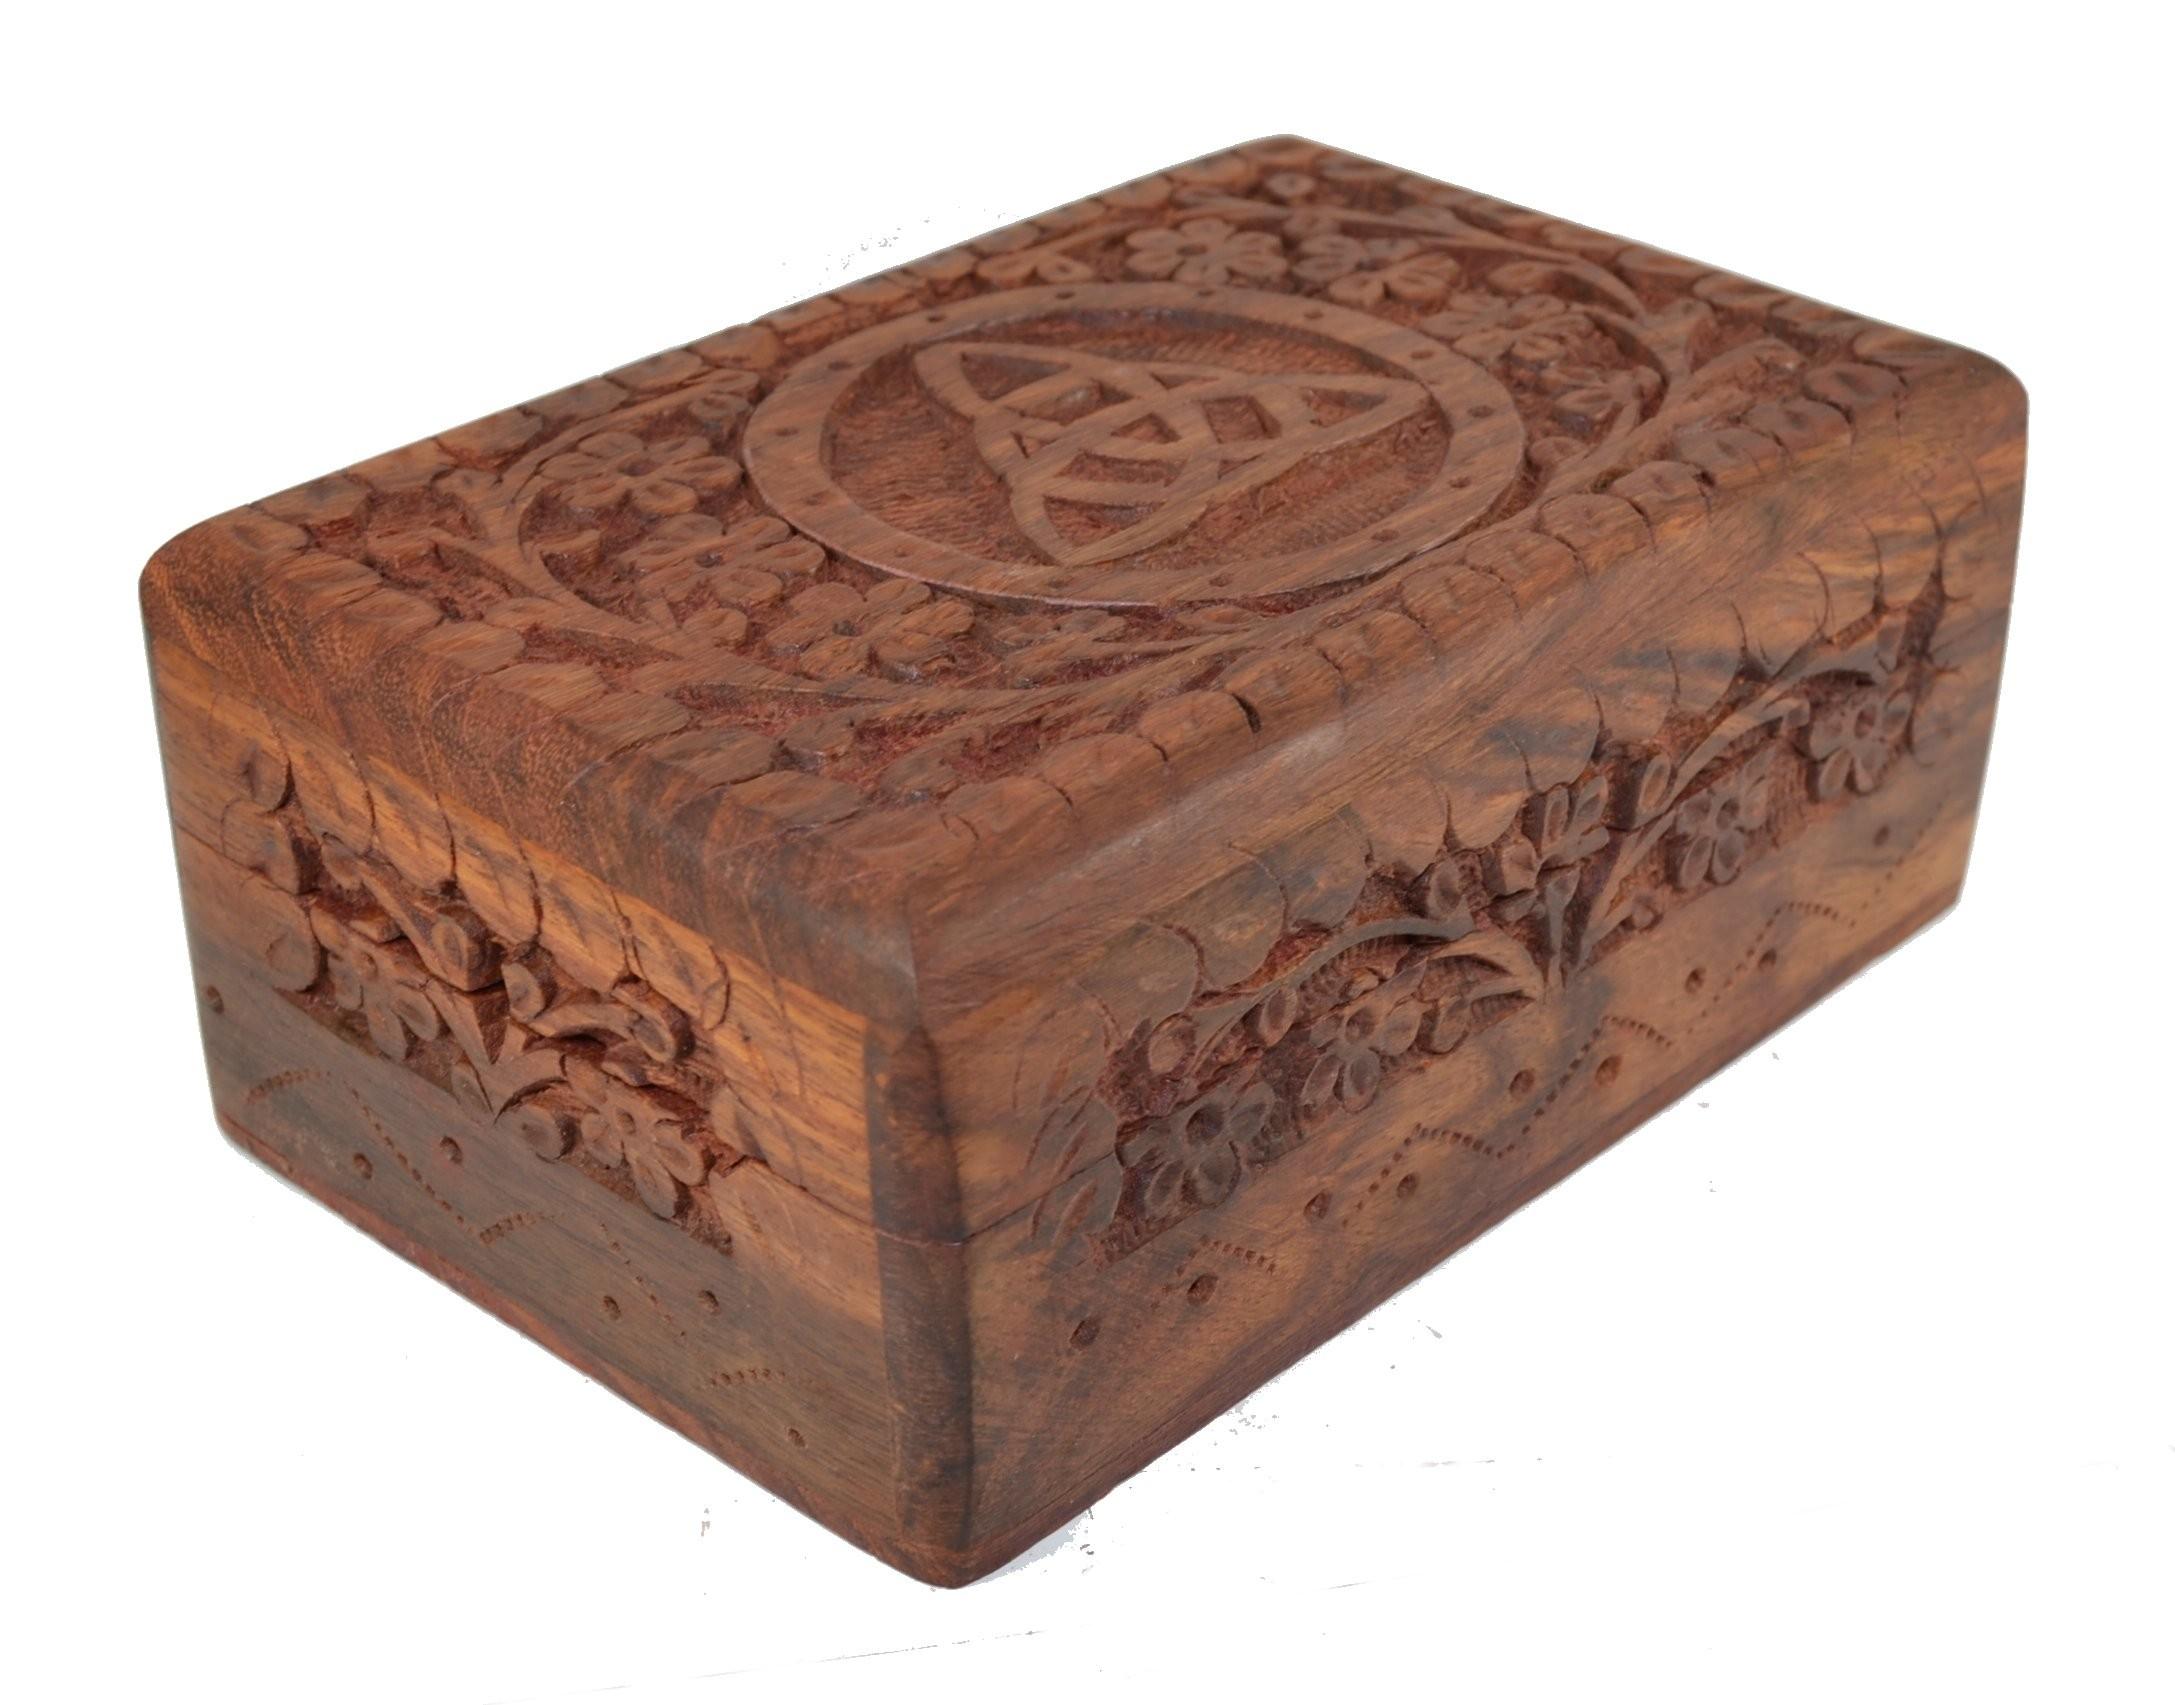 Wooden Triquetra Tarot Card Box Mystic Wish